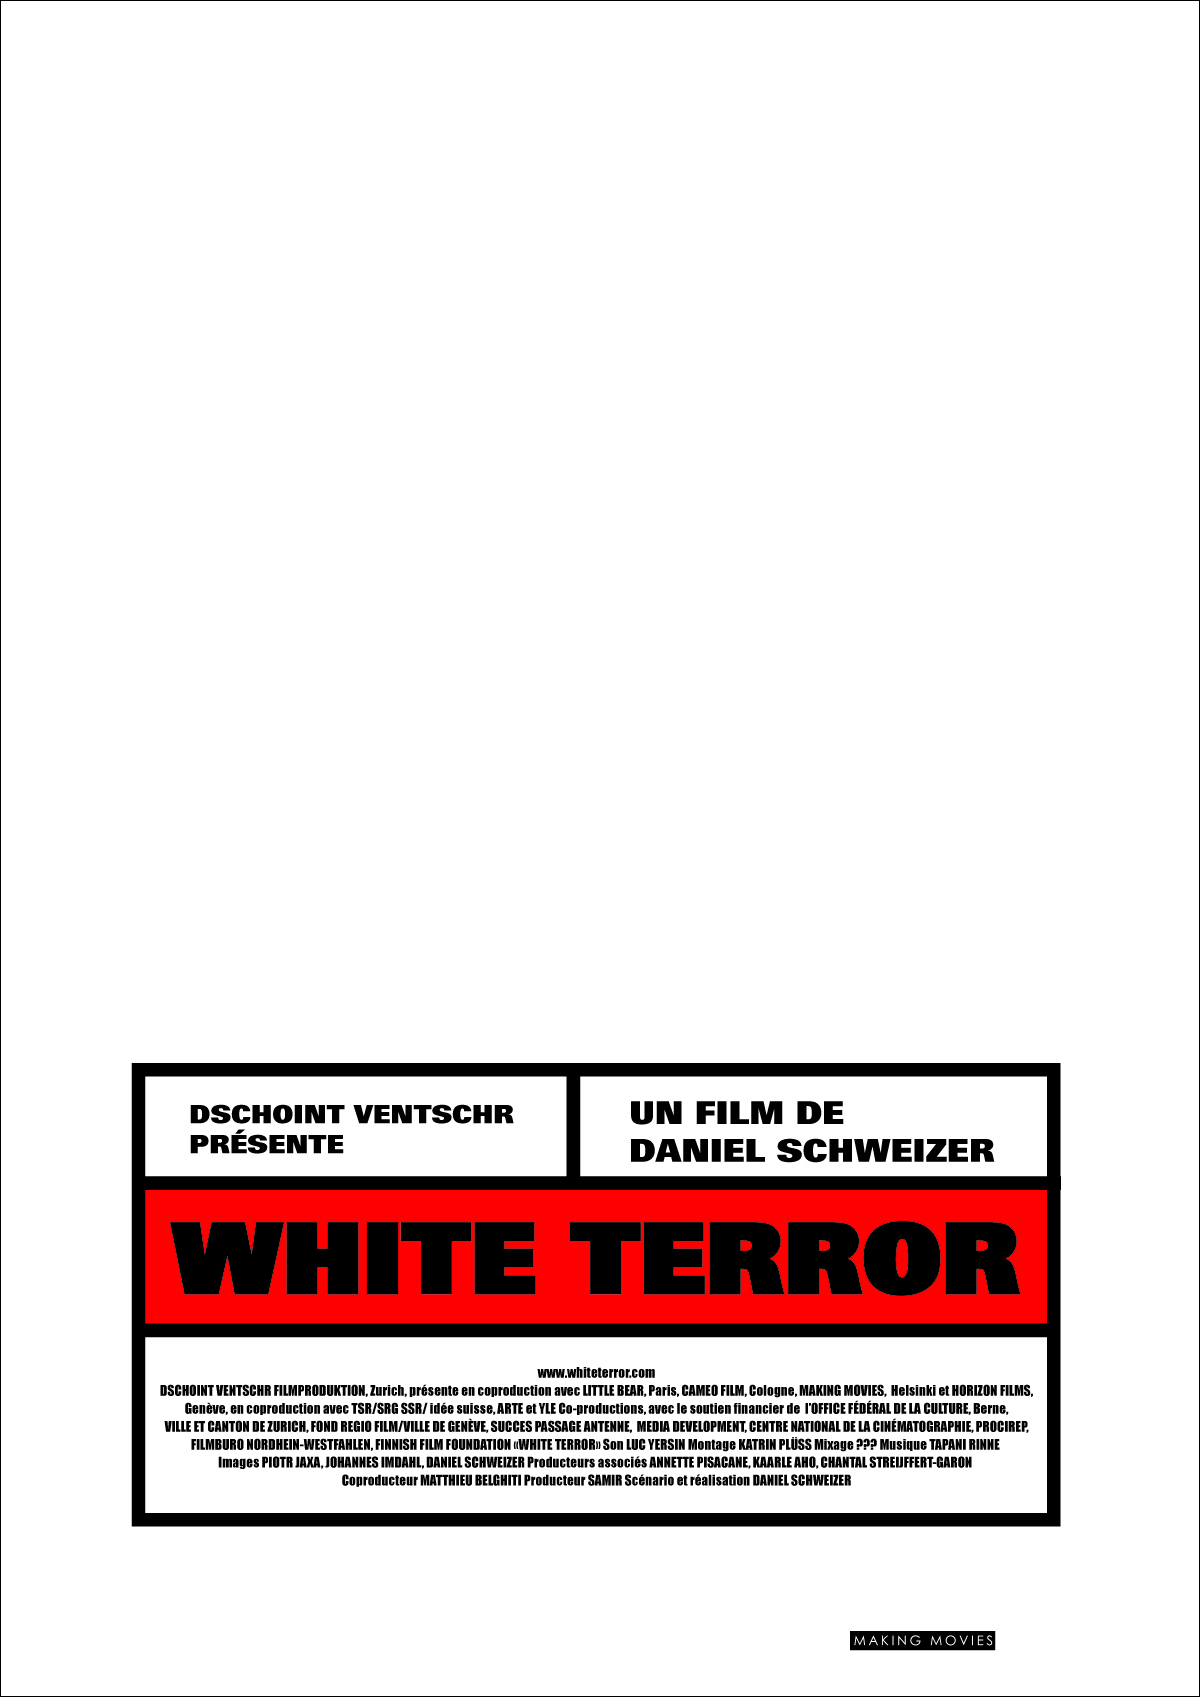 Affiche pour le film-documentaire White Terror